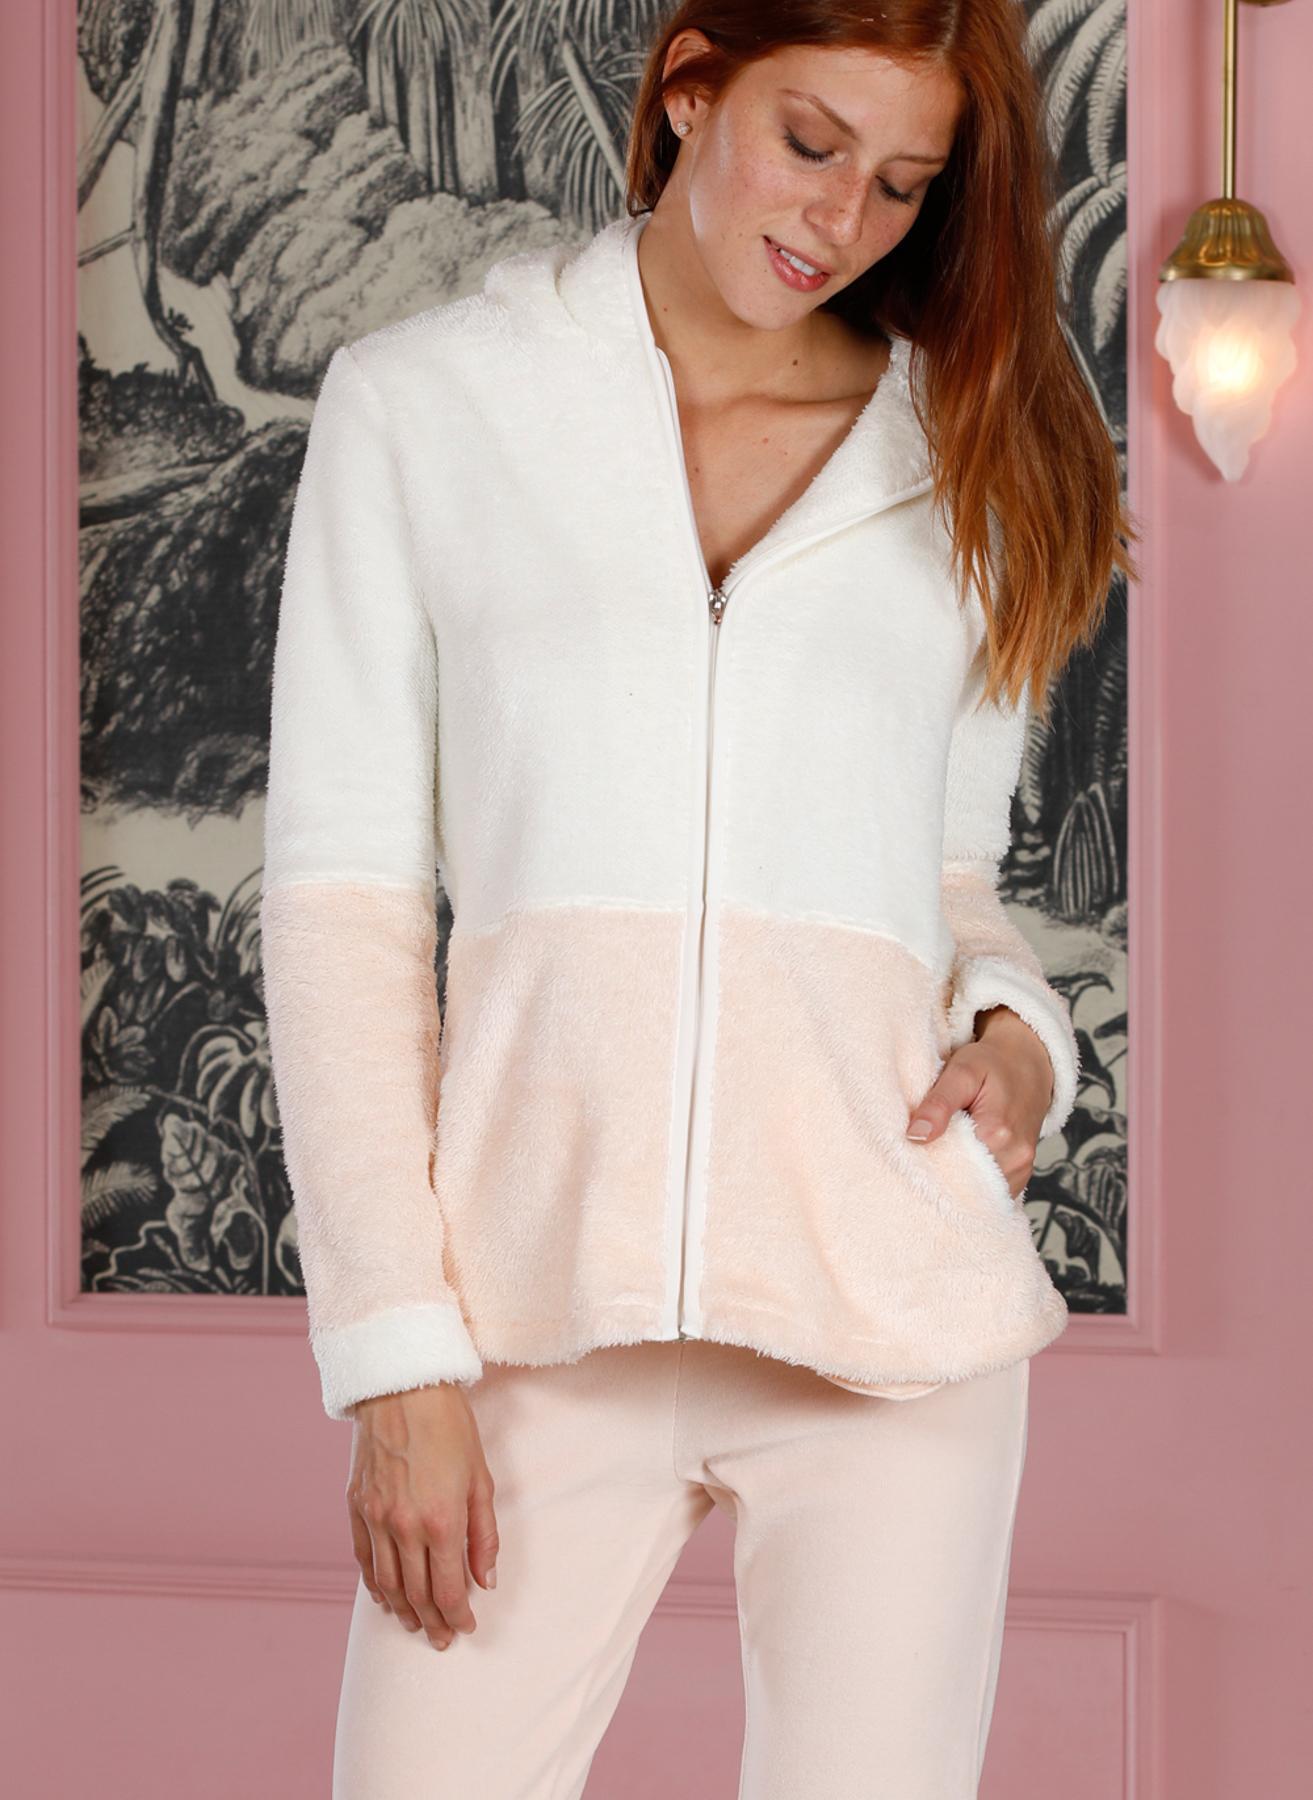 Hays Pijama Takımı XL 5002305925004 Ürün Resmi